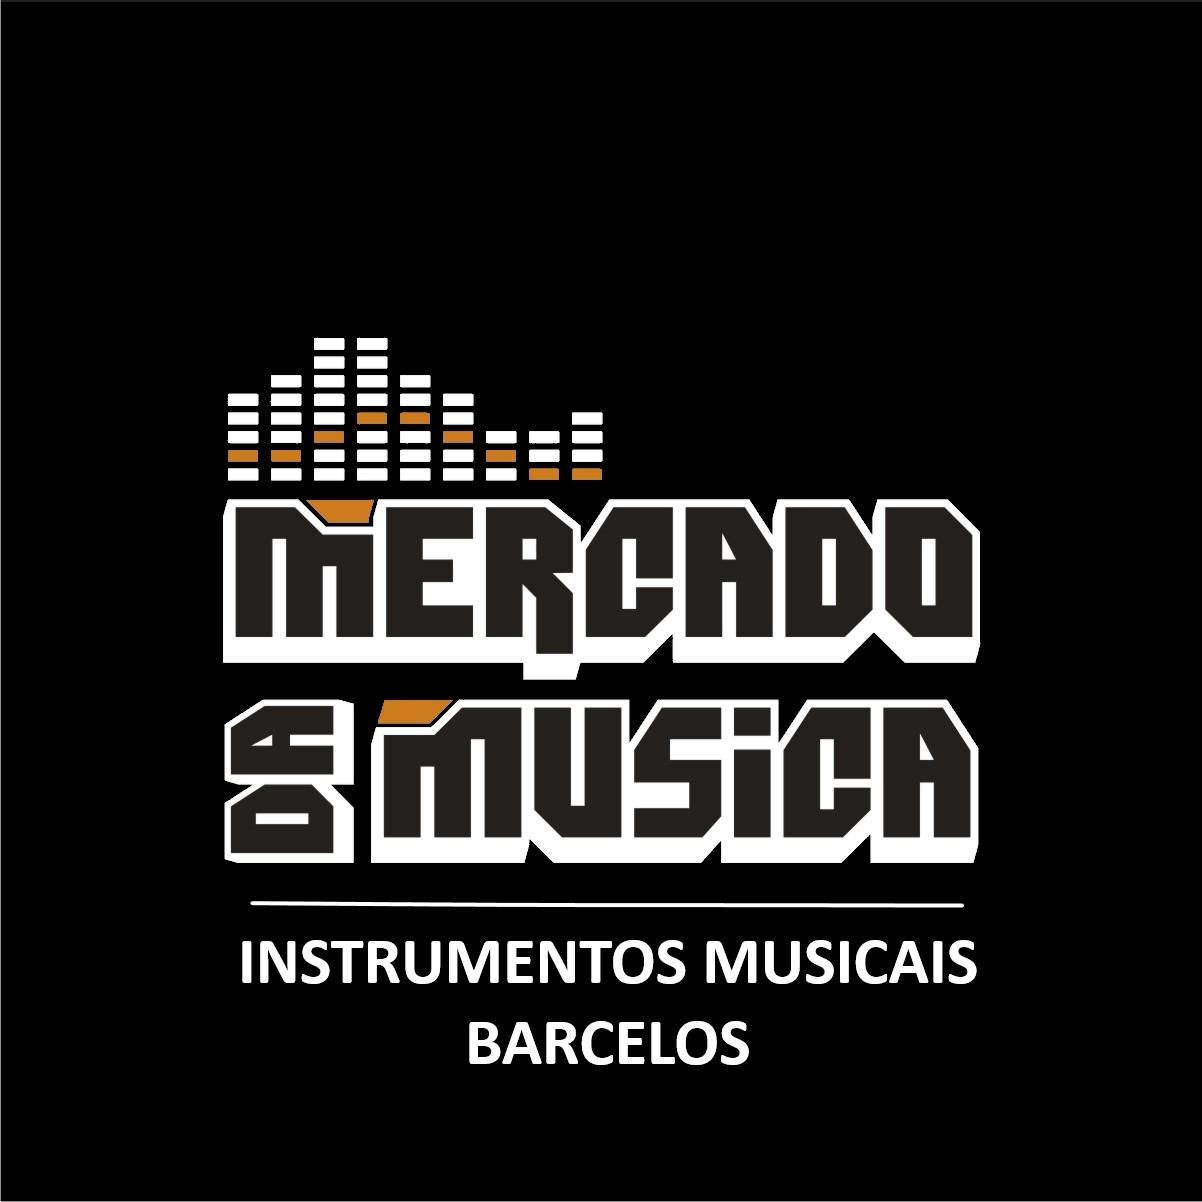 2ef95dc39 MERCADO DA MÚSICA - Instrumentos musicais em Barcelos